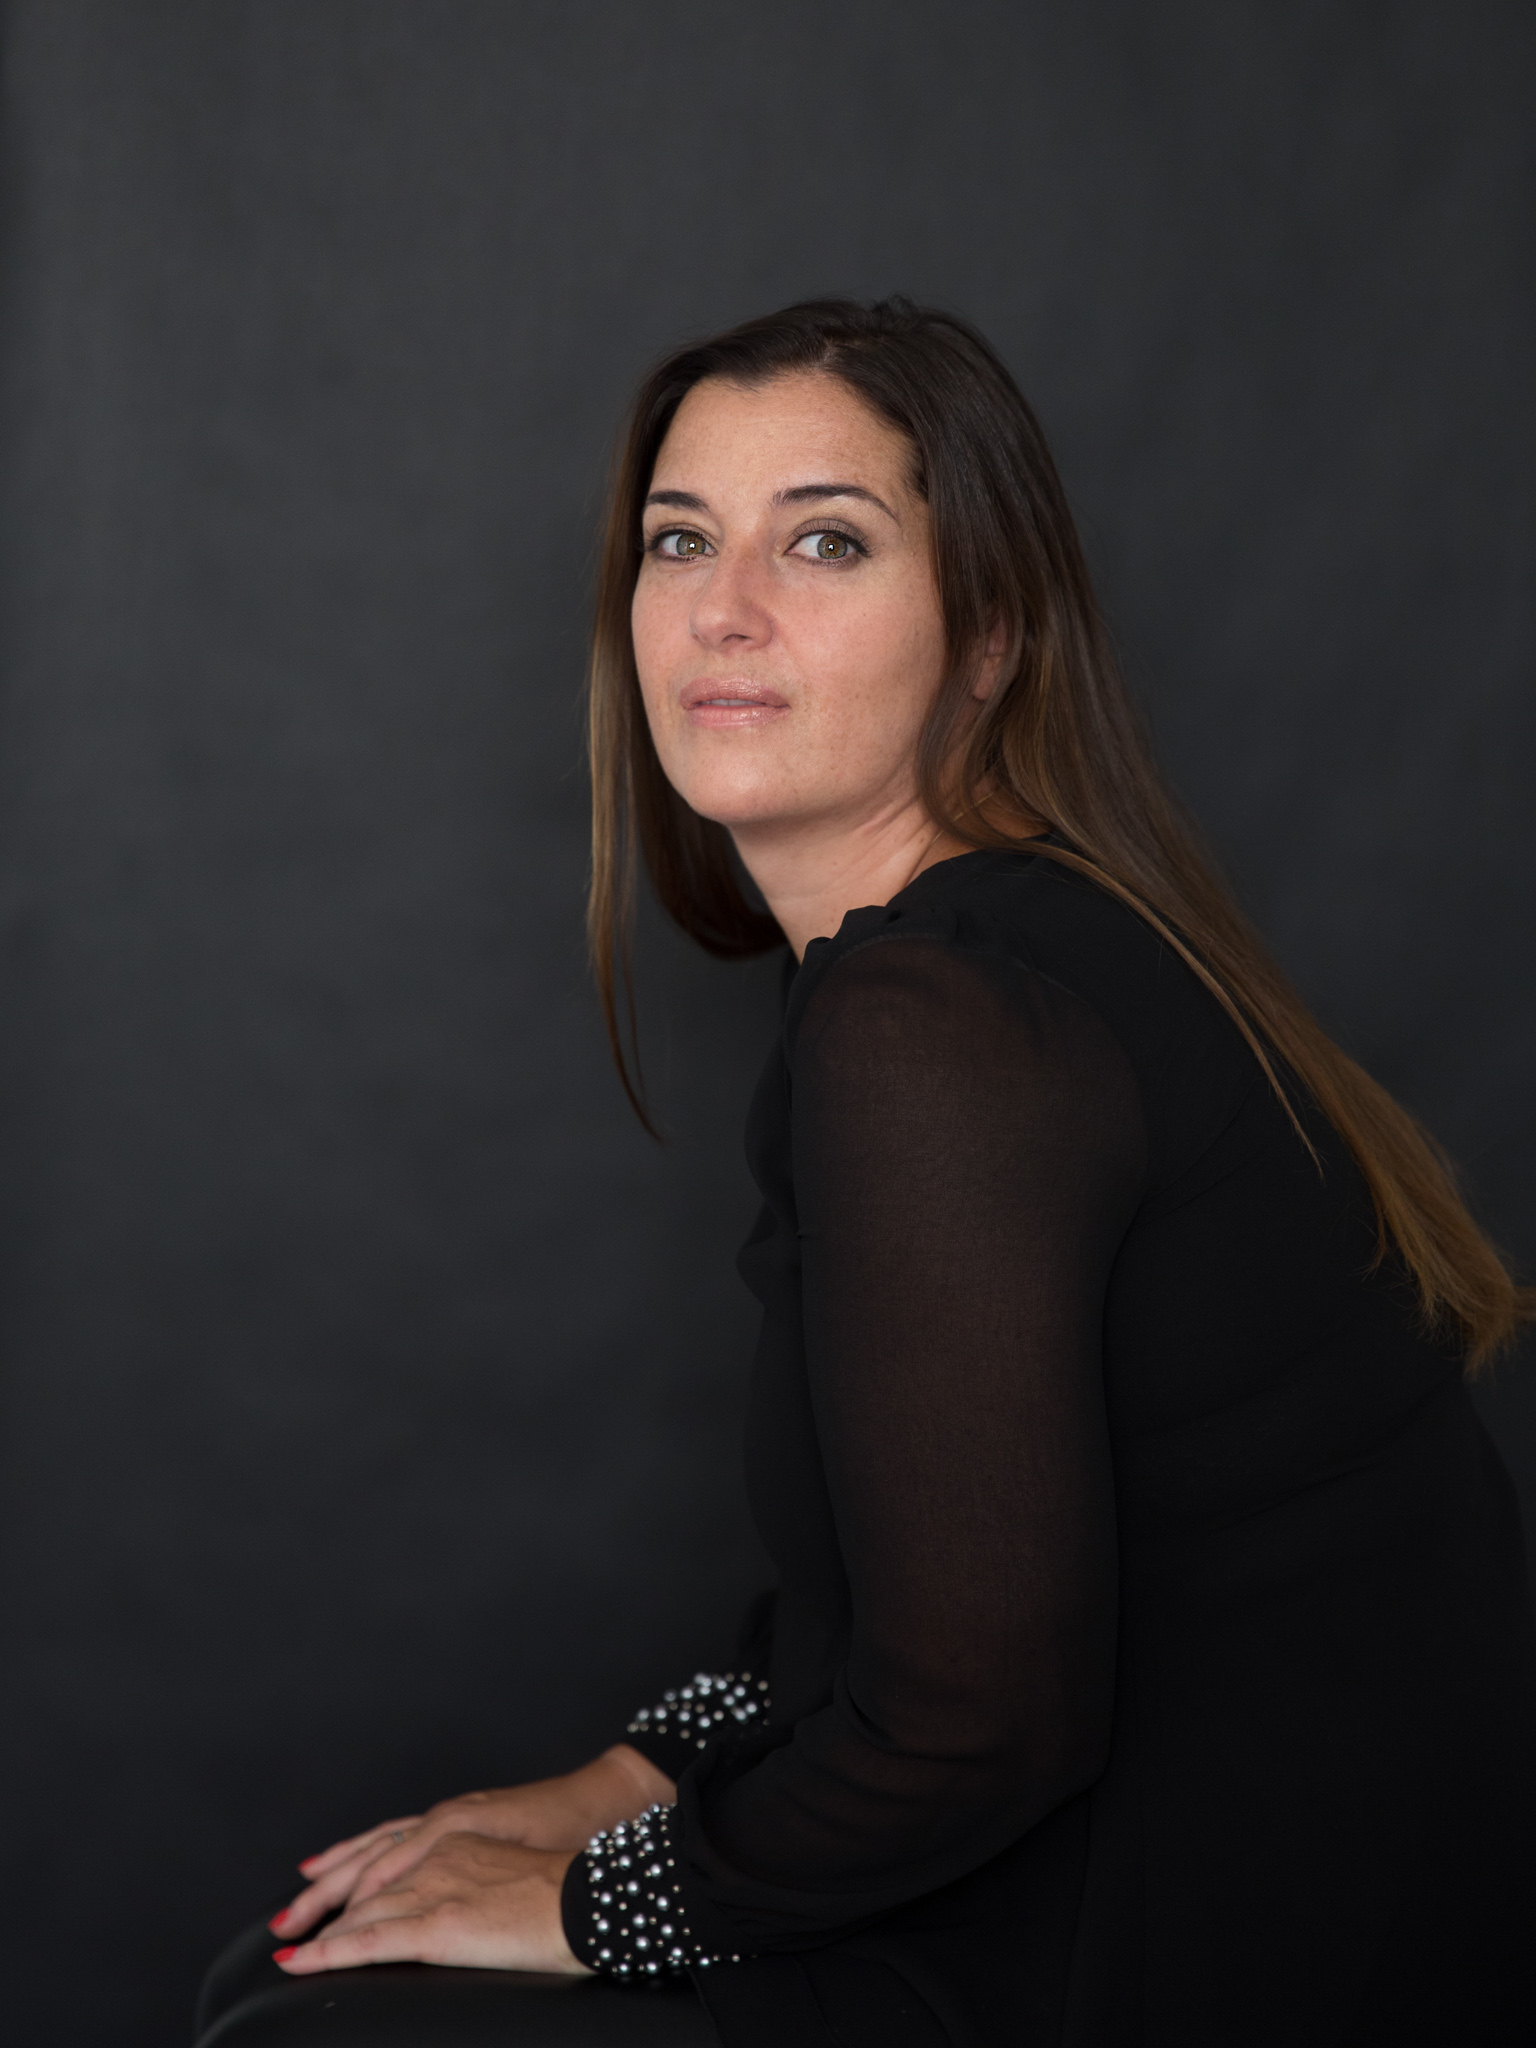 retrato mujer 12